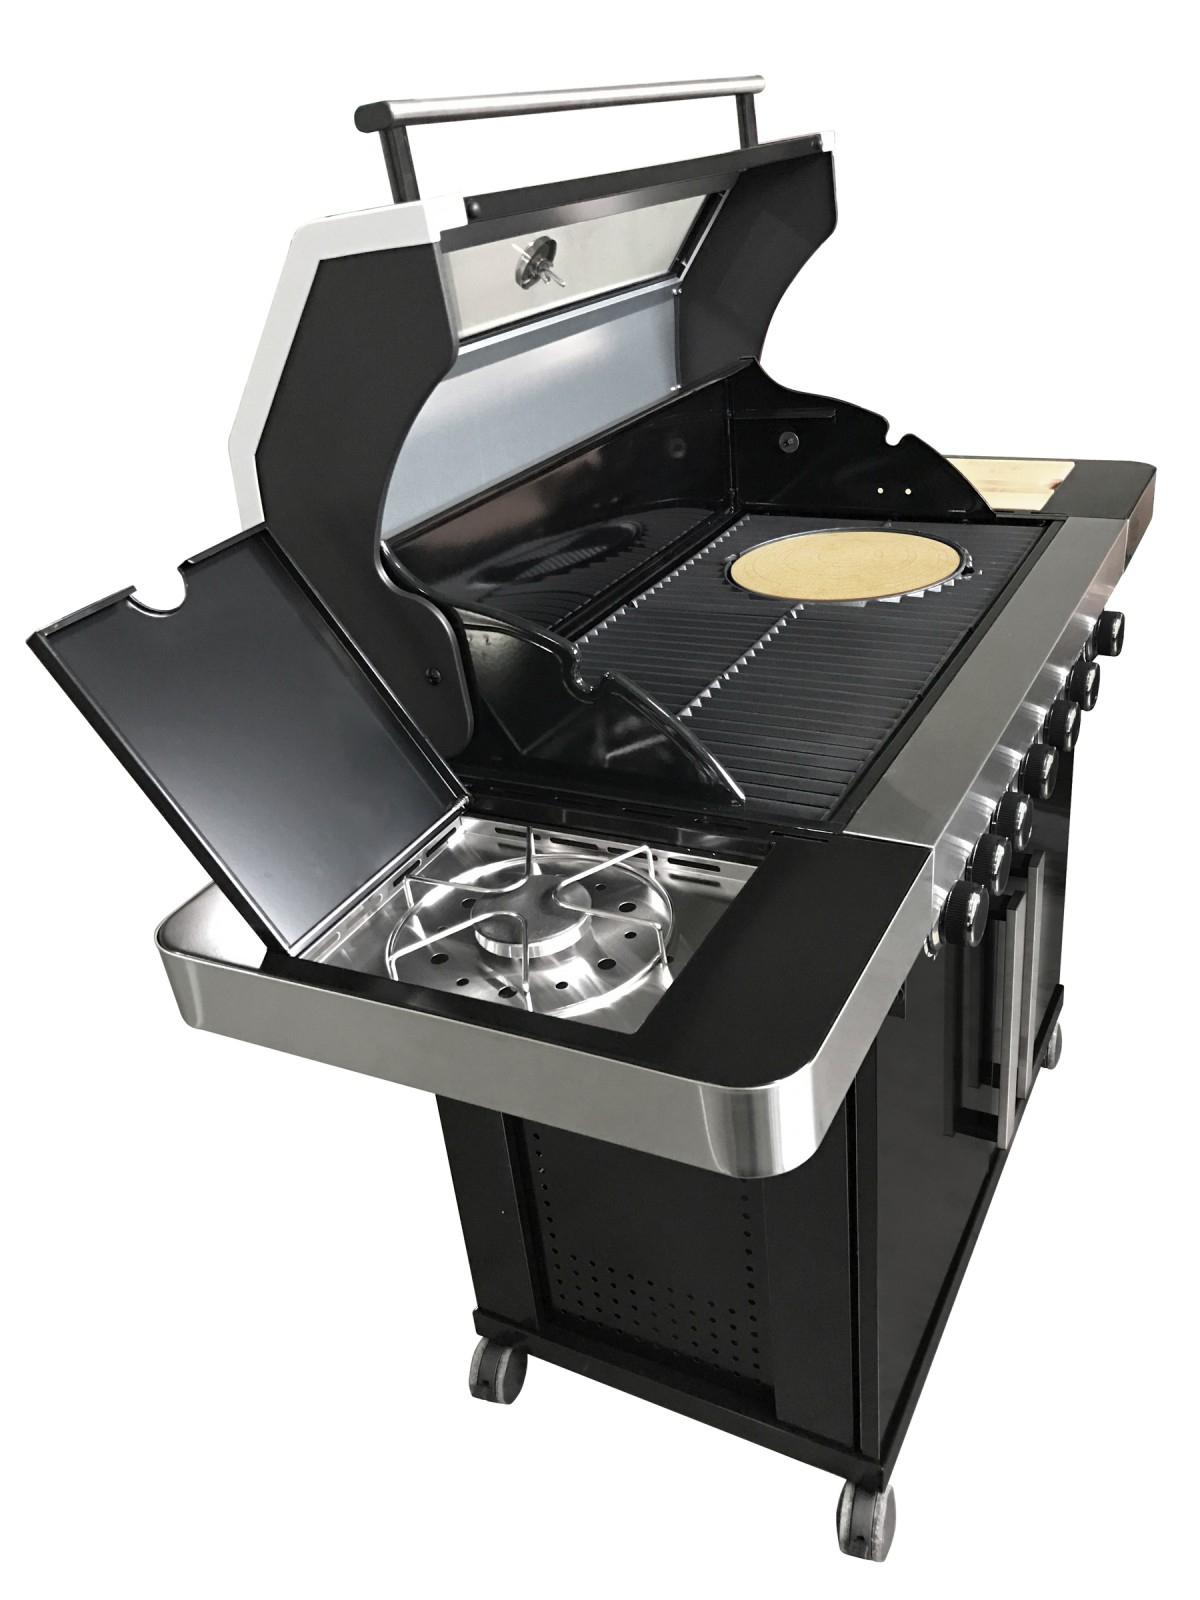 Großer Maxxus Grillsale auf Maxxus.de - zum Beispiel MAXXUS Gasgrill BBQ Chief 12.0 für 549 € statt für 799€. 